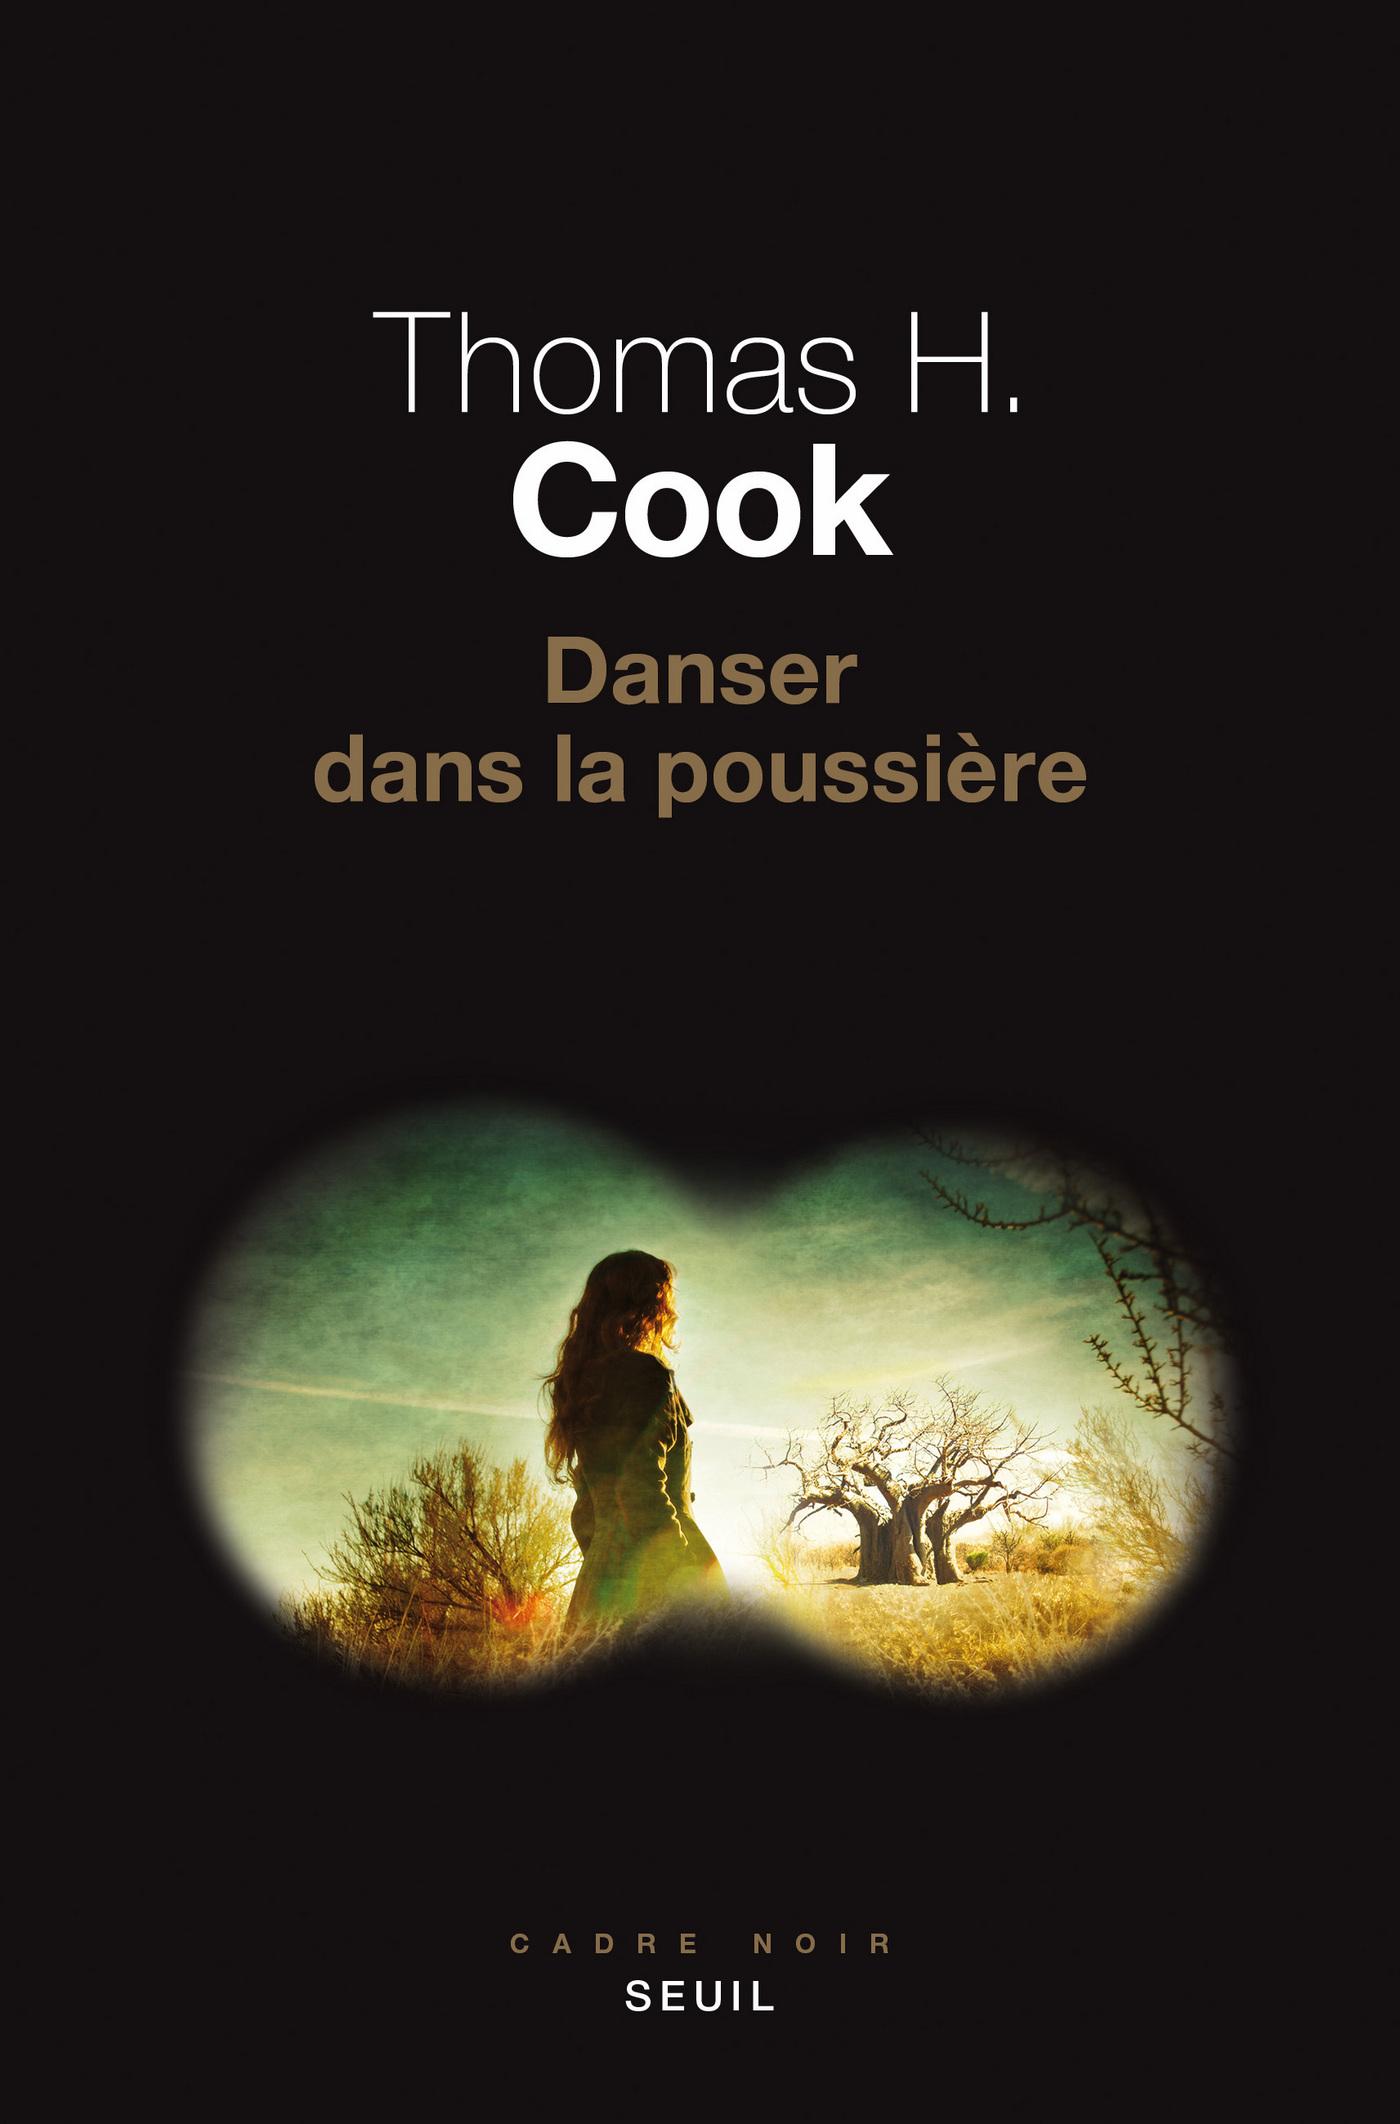 Danser dans la poussière | Cook, Thomas H.